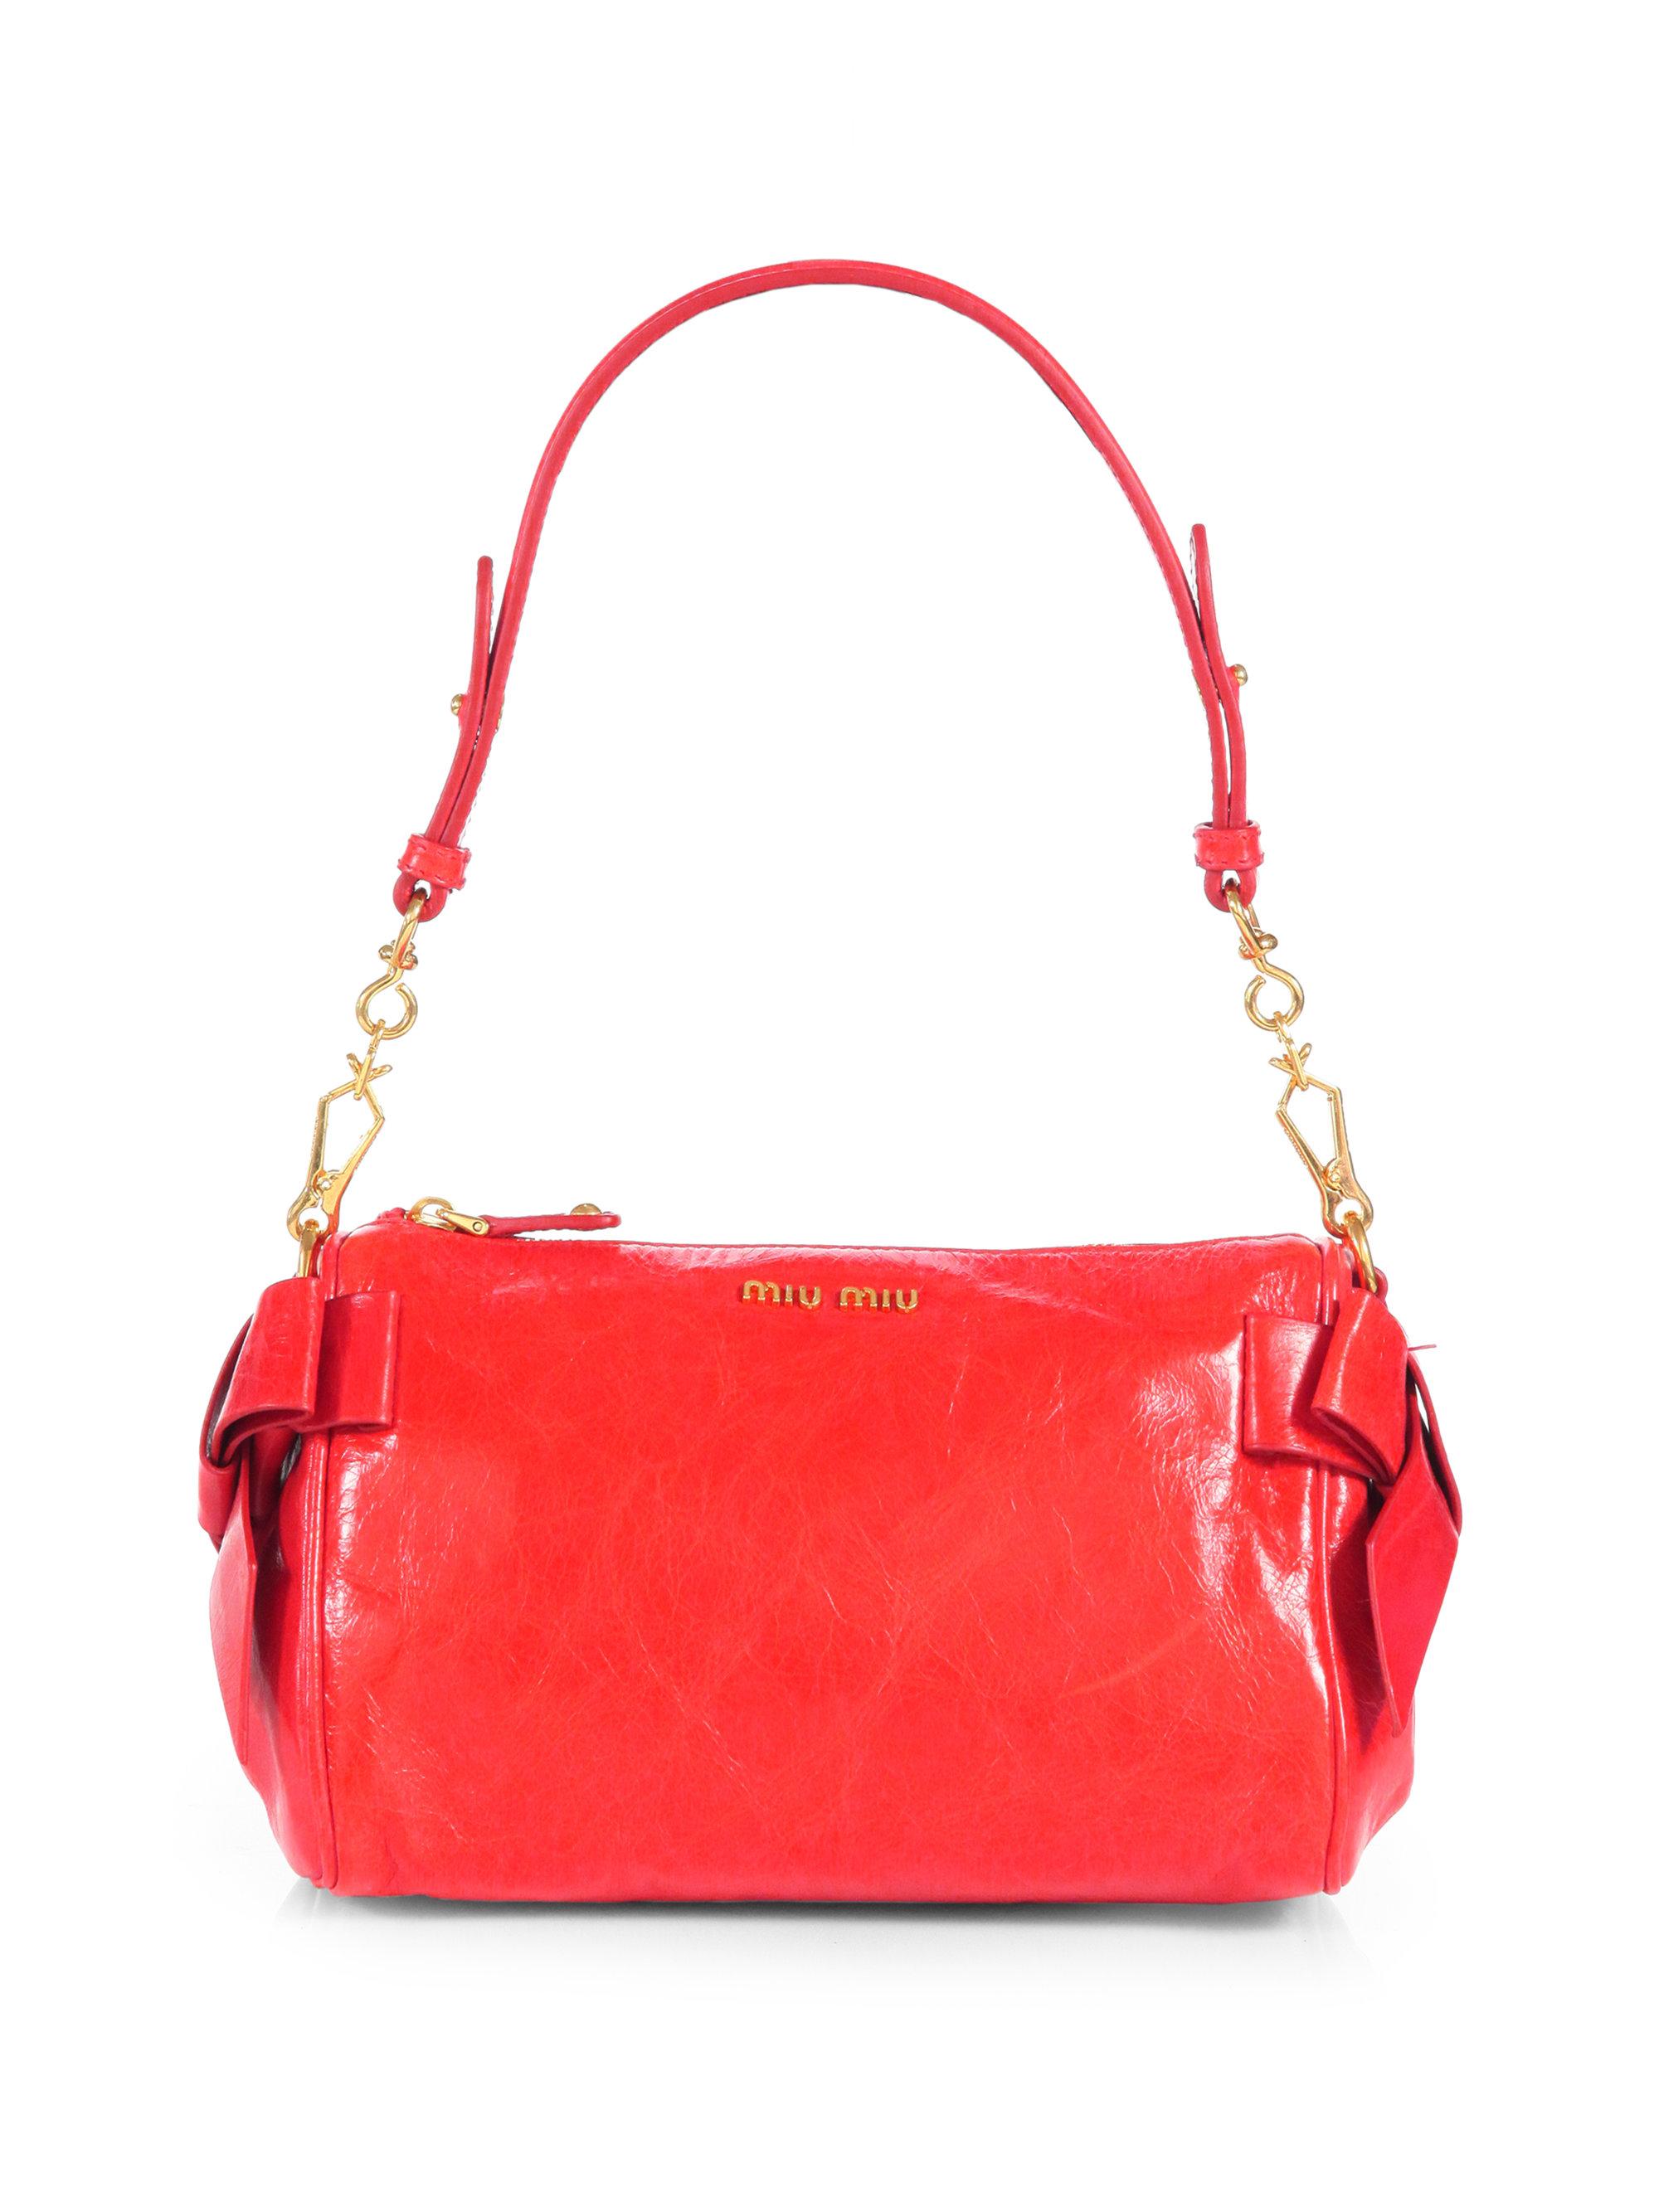 Miu Miu Vitello Small Bow Shoulder Bag 117